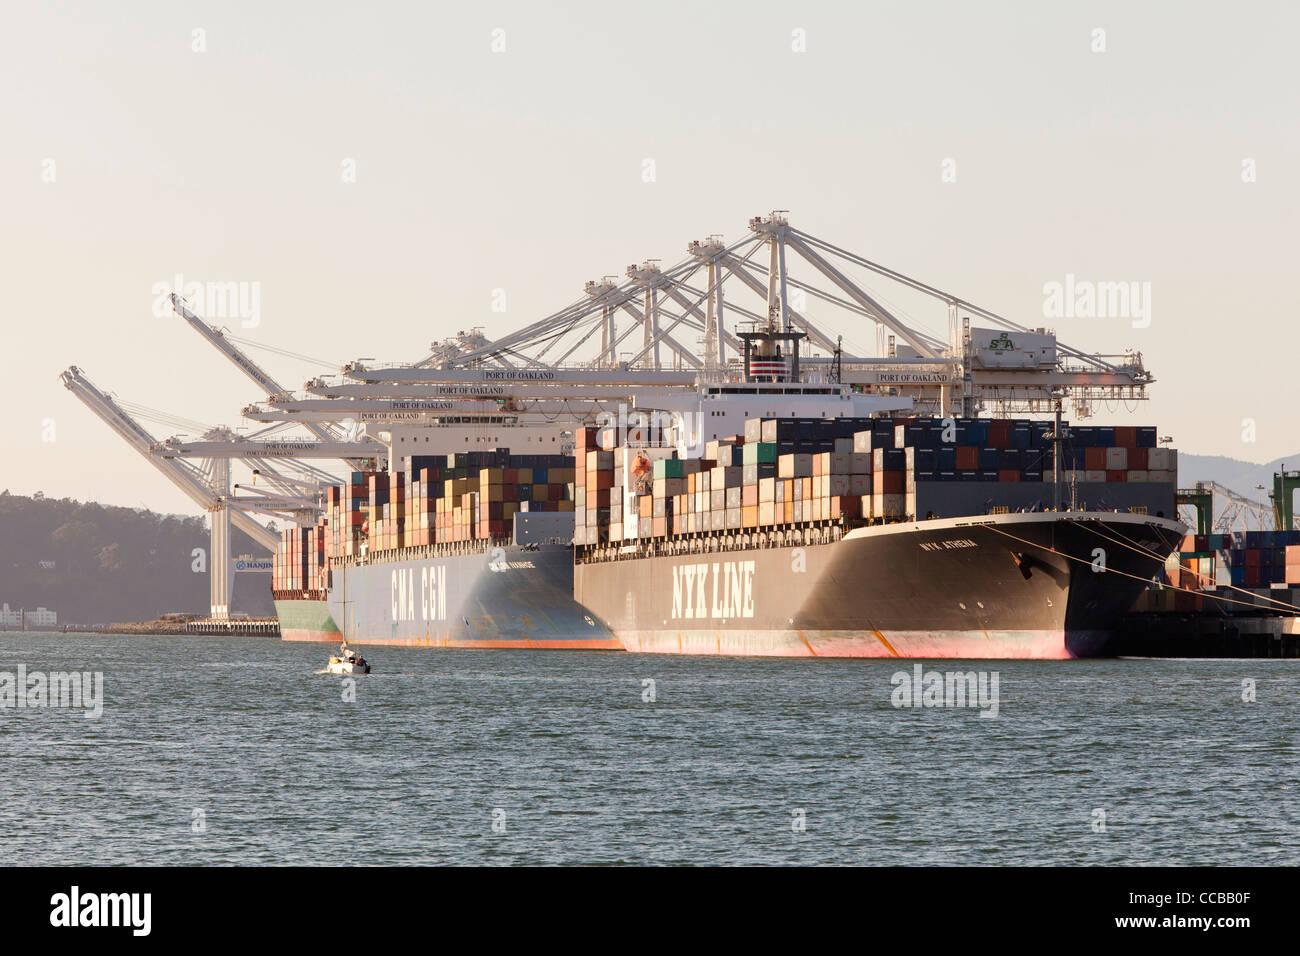 Le navi portacontainer attendere di avere scaricato presso il porto di Oakland - California USA Immagini Stock